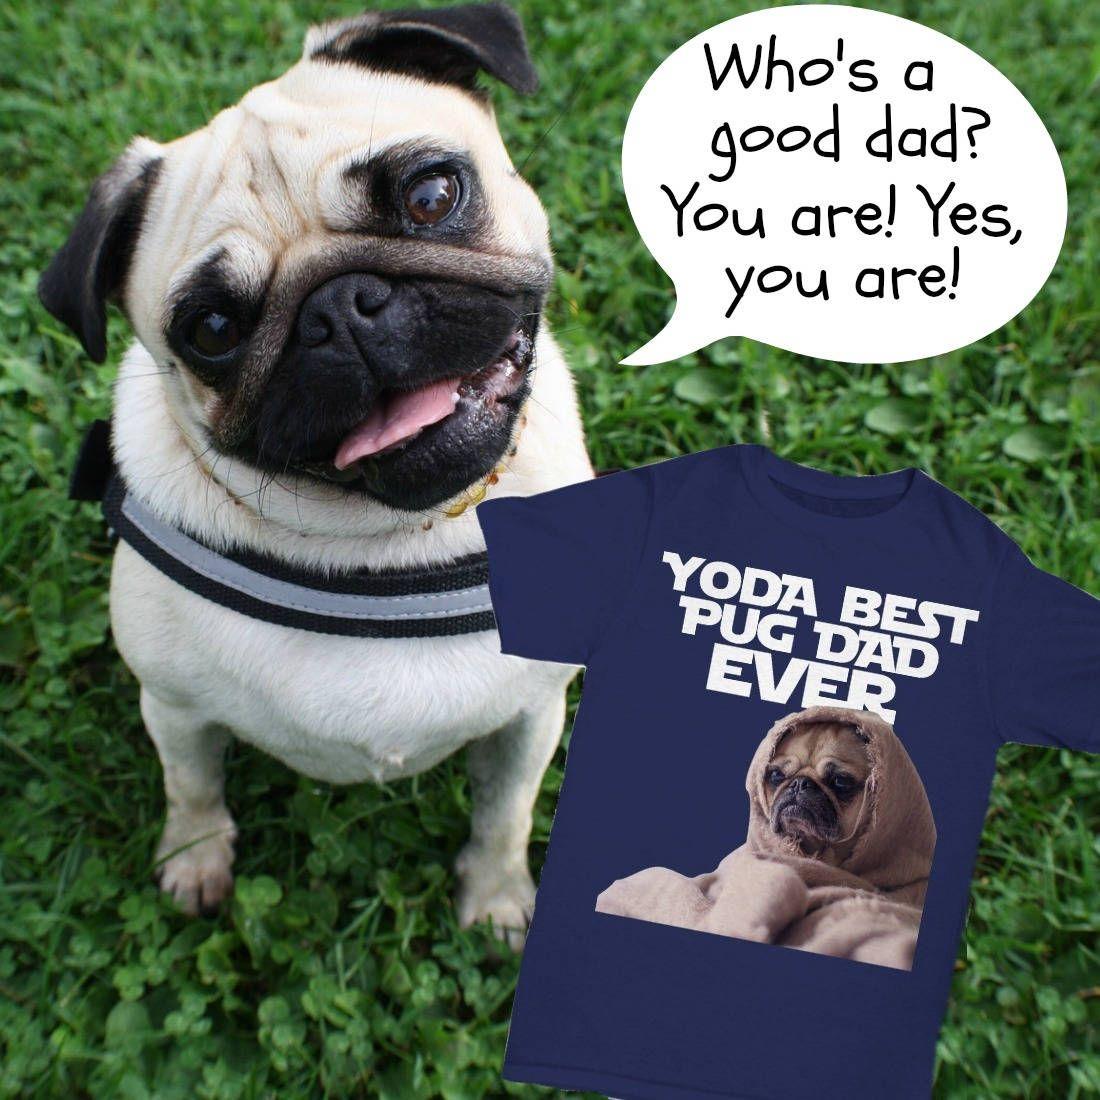 Yoda Best Pug Dad Best Pug Dad Tshirt Yoda Pug Dad Star Wars